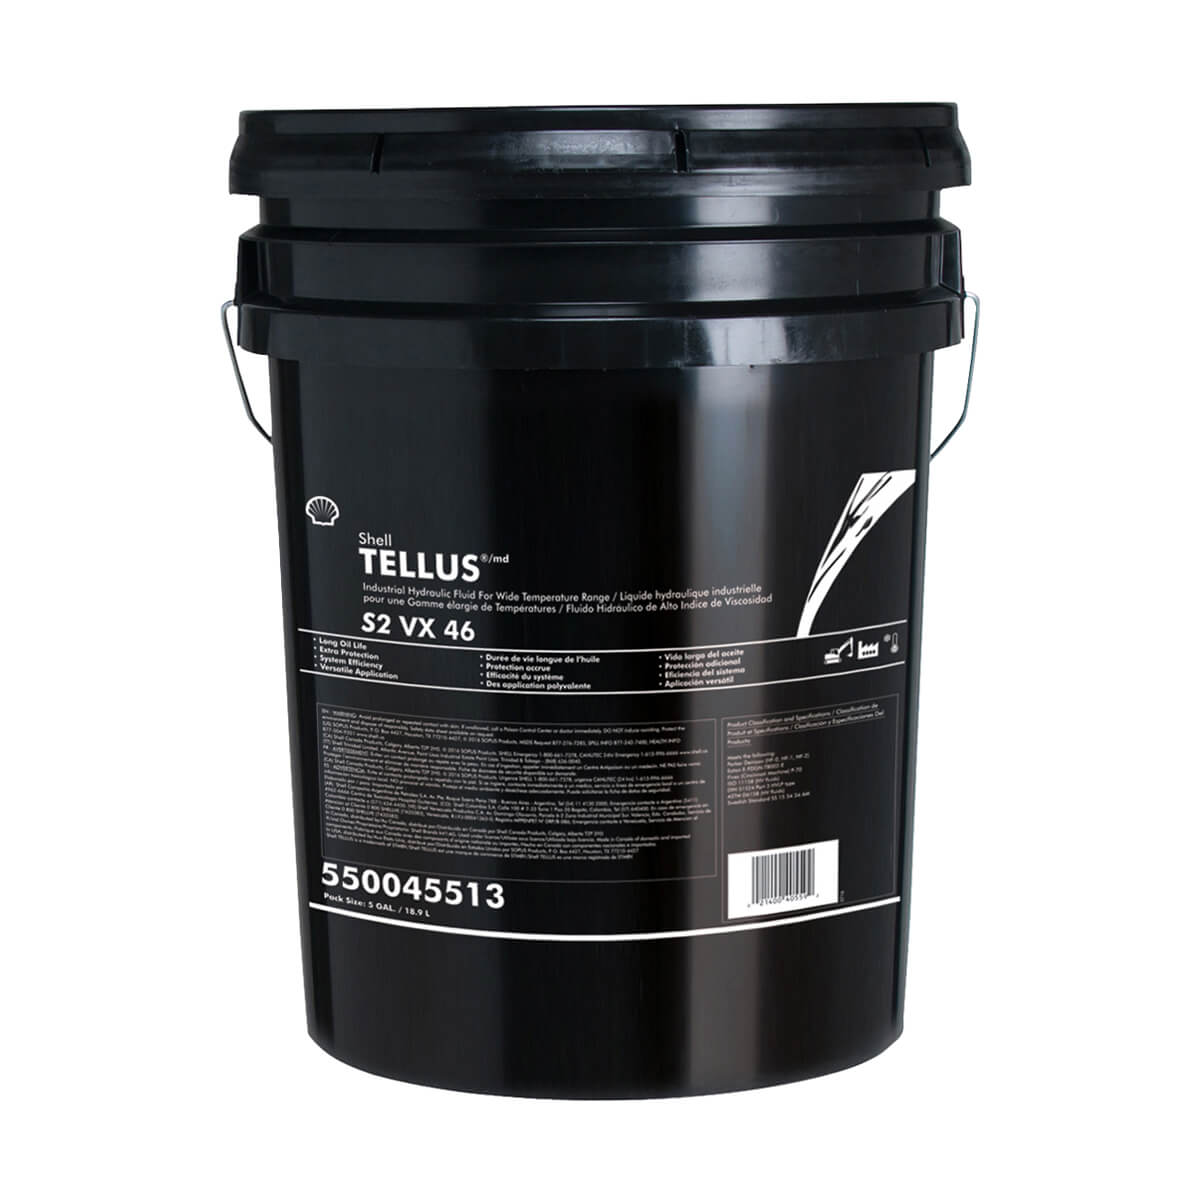 Shell Tellus S2 VX 46 - 18.9L